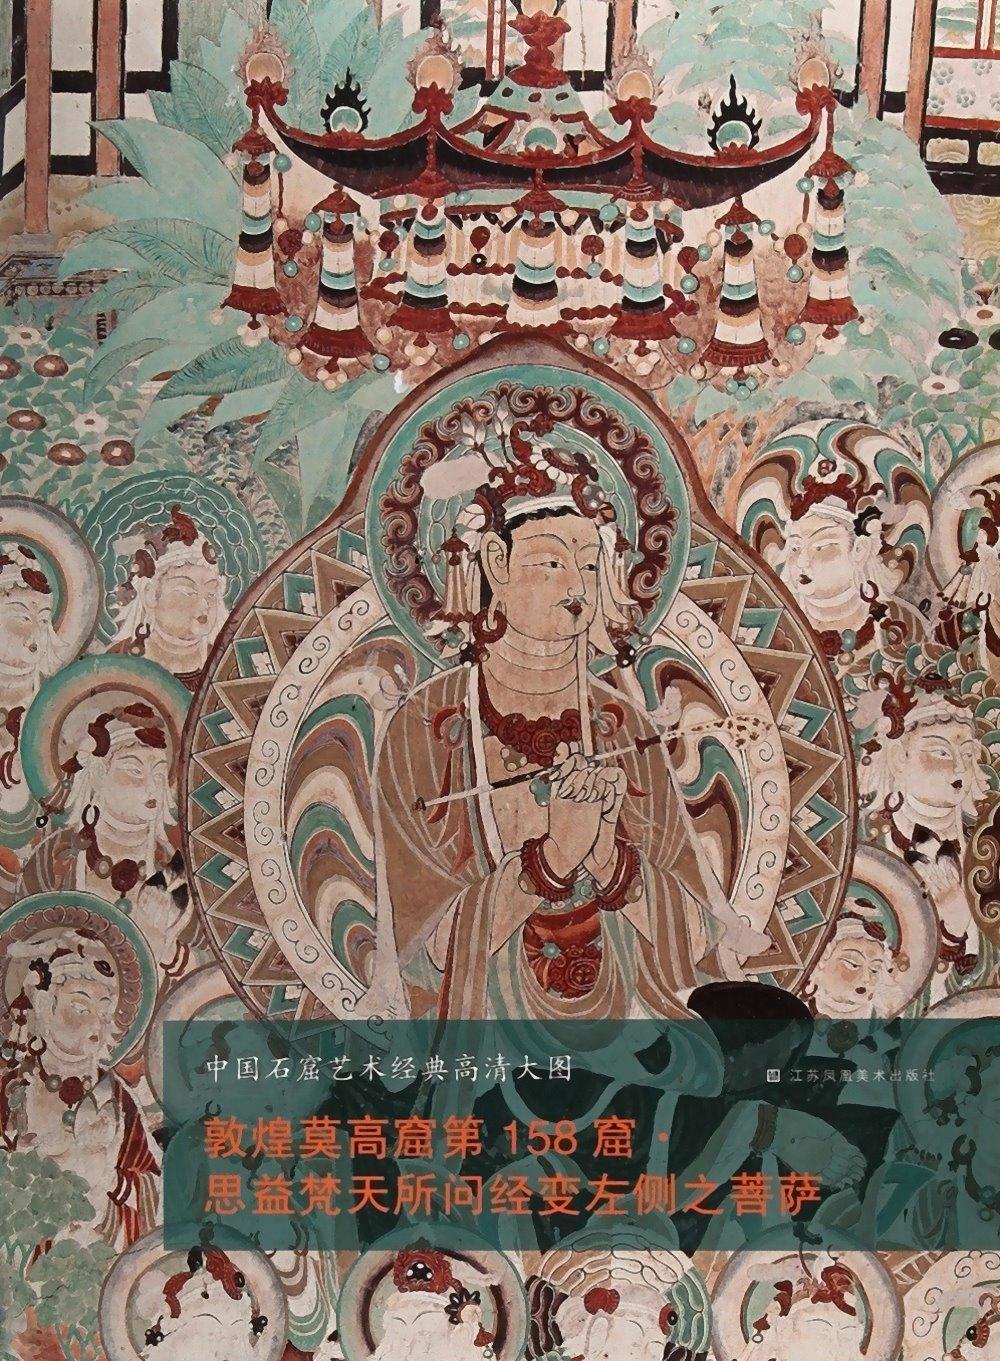 敦煌莫高窟第158窟•思益梵天所問經變左側之菩薩